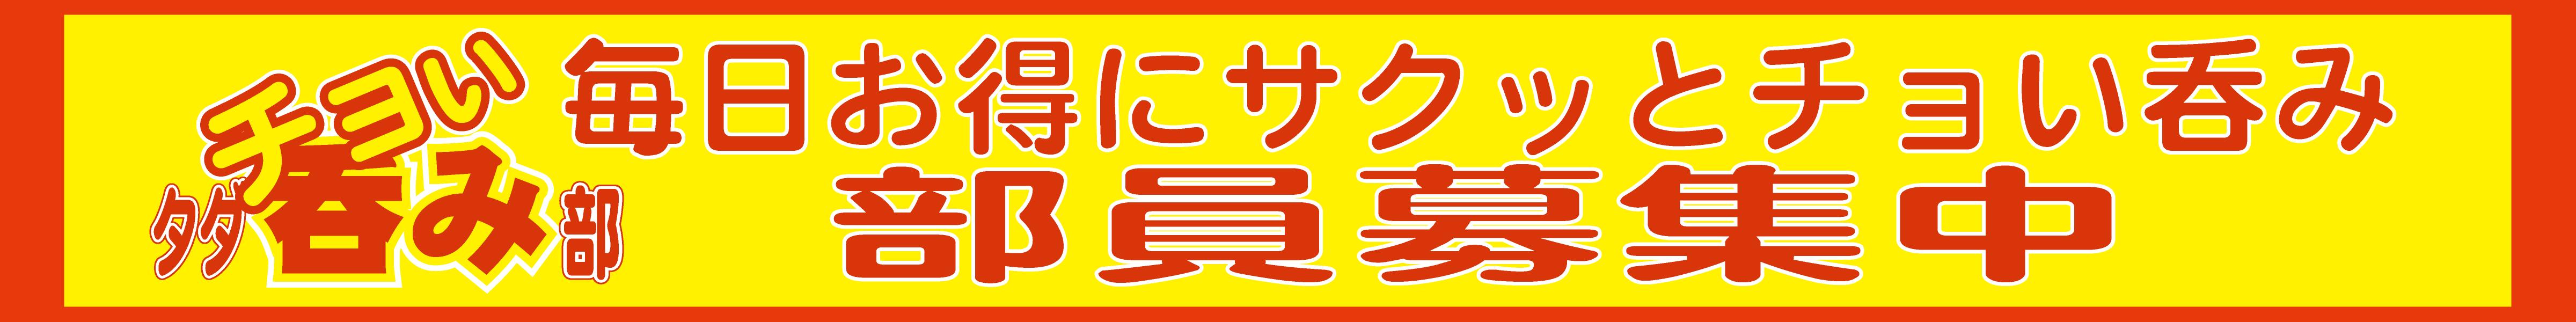 チョい呑み部バーナー_アートボード 1